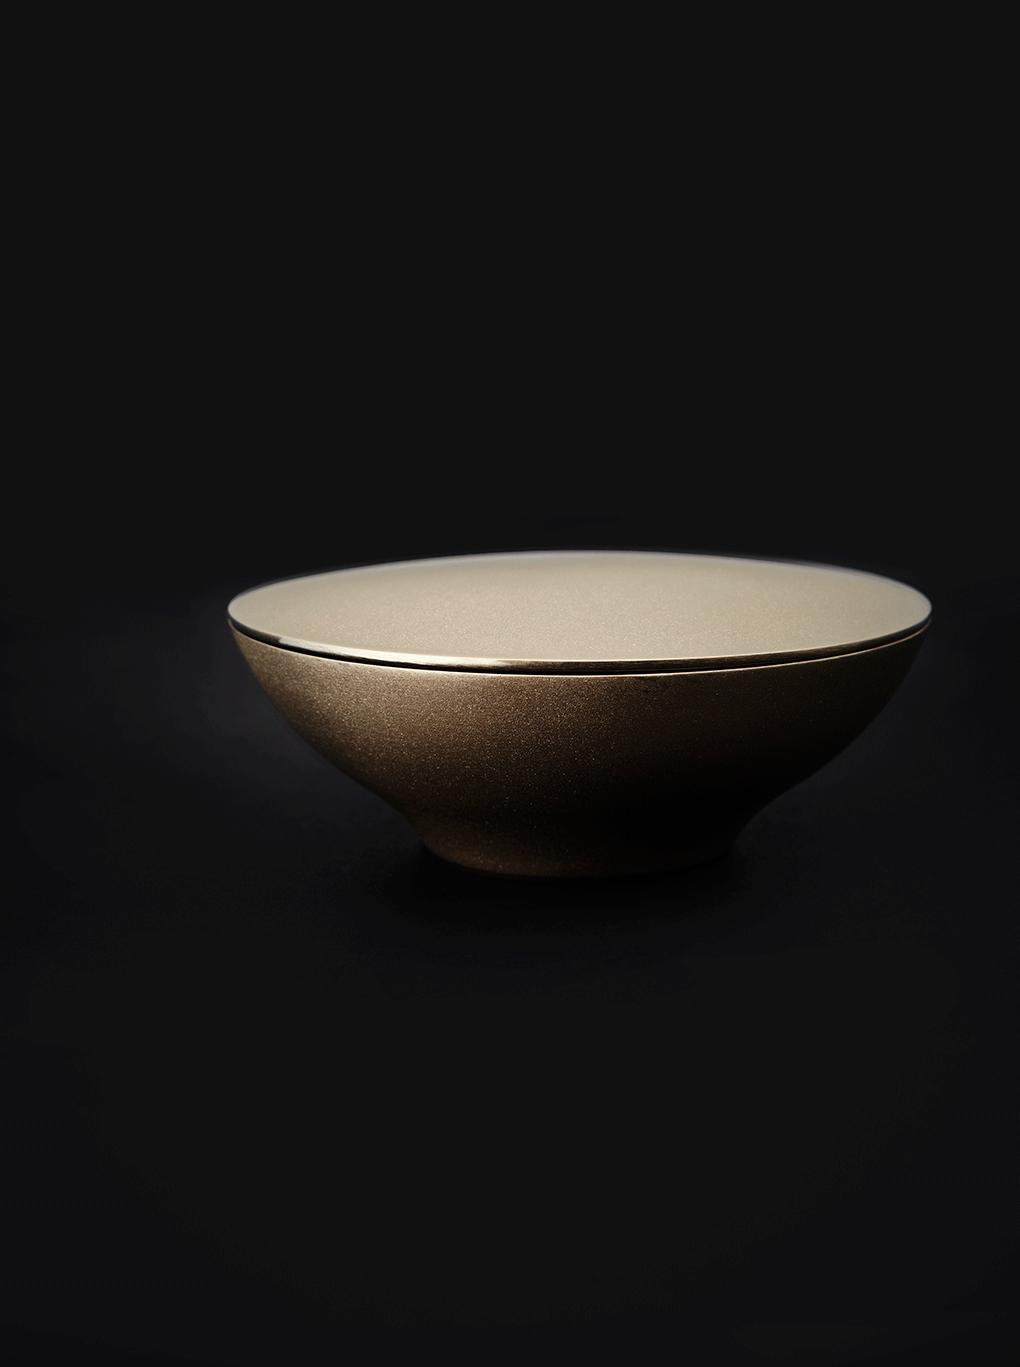 유기_1490-1-copy.png